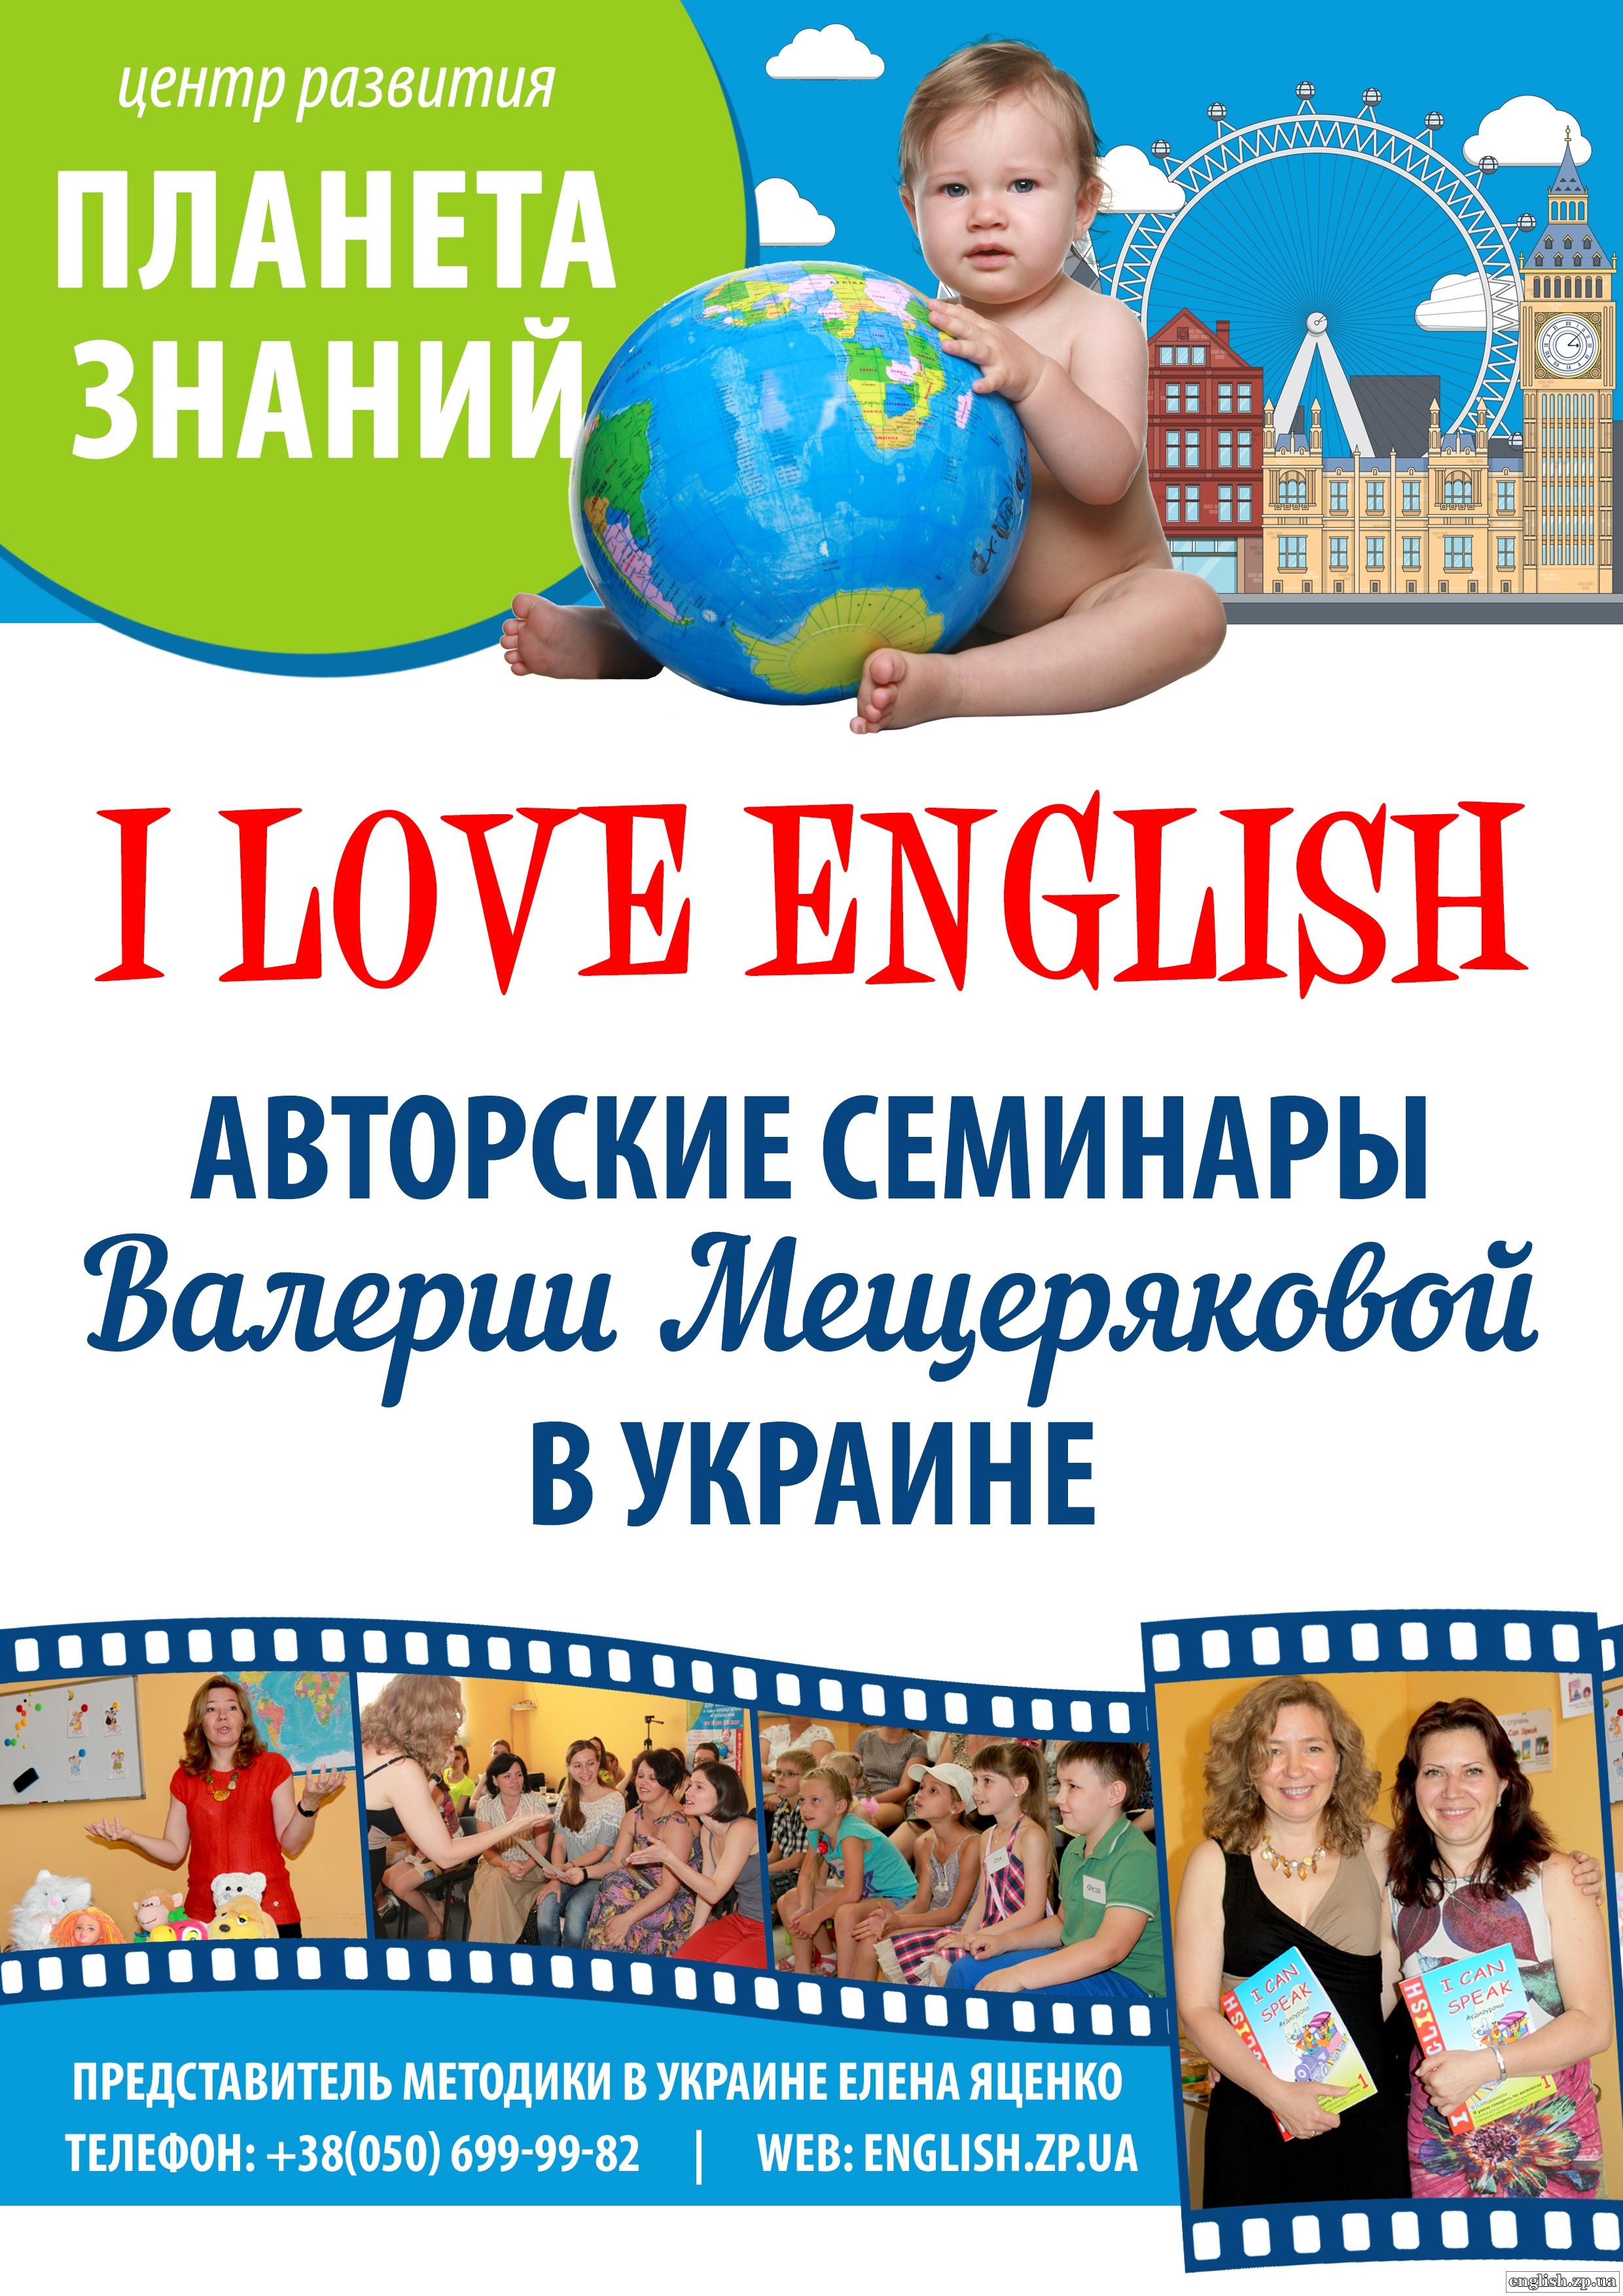 Семинар «Базовый курс методики обучения английскому языку детей 2-10 лет. Ступень I CAN SING, I CAN SPEAK» в Украине